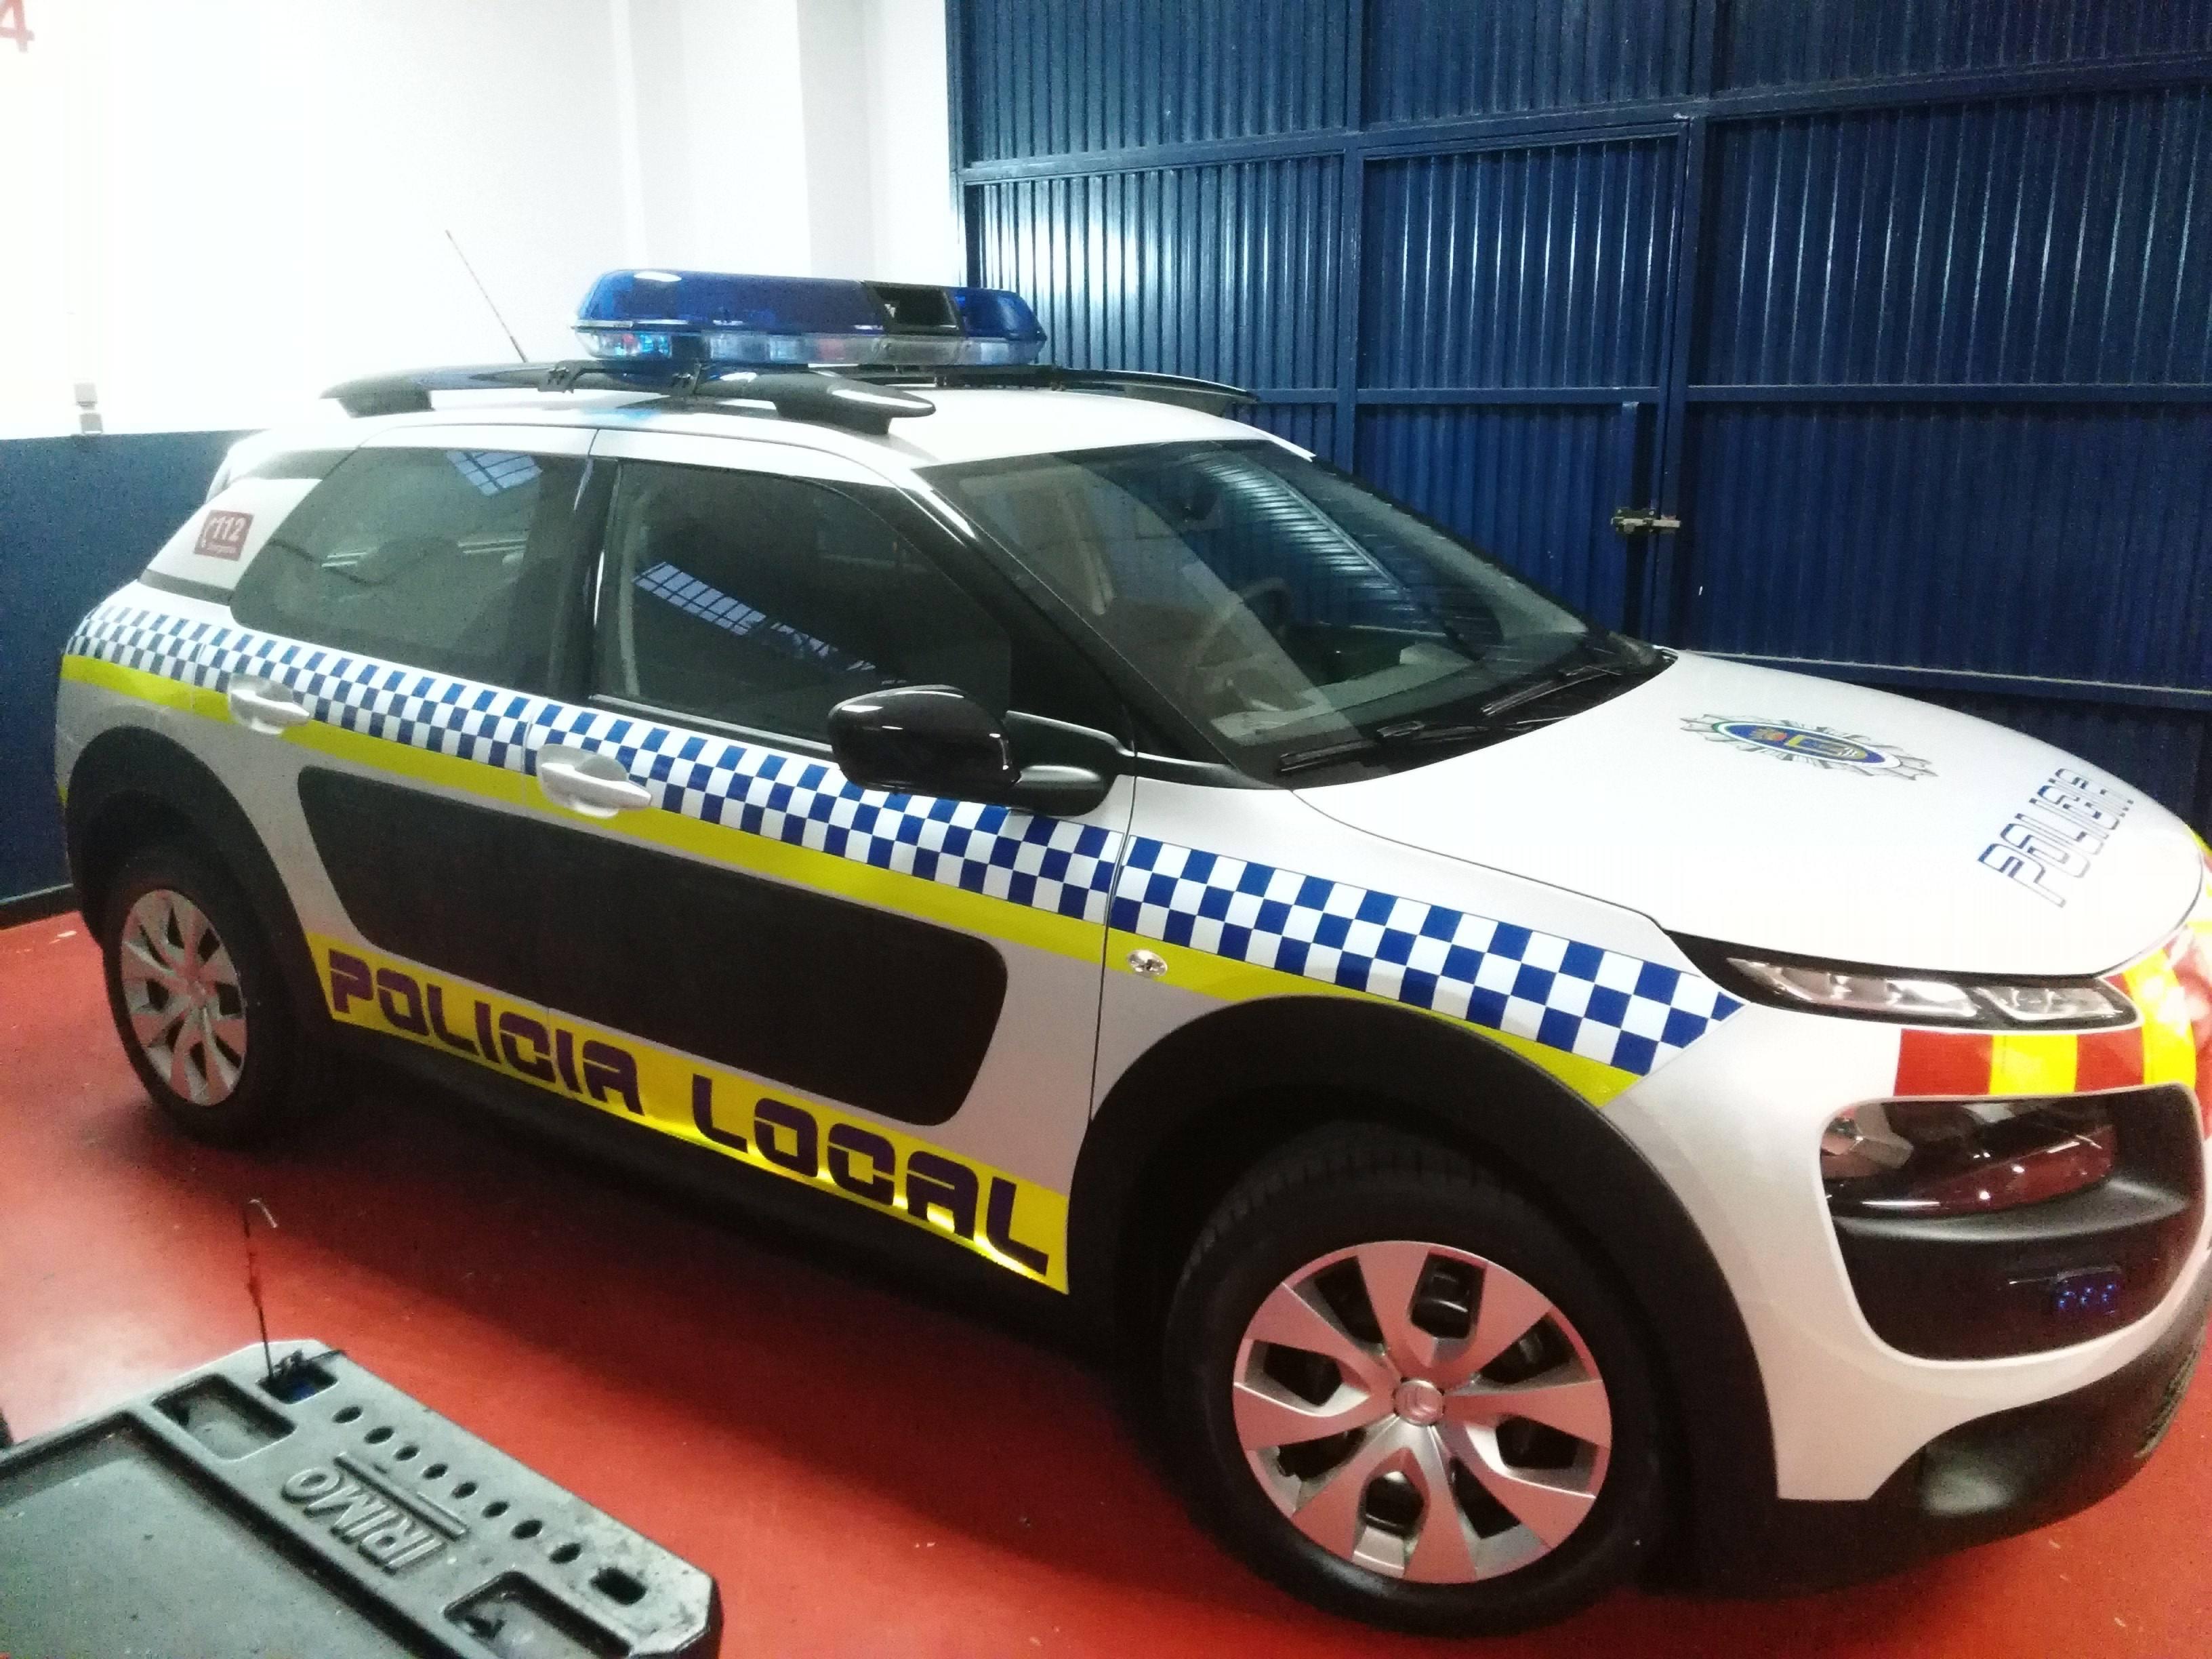 Alquiler vehiculos policia local Chipiona